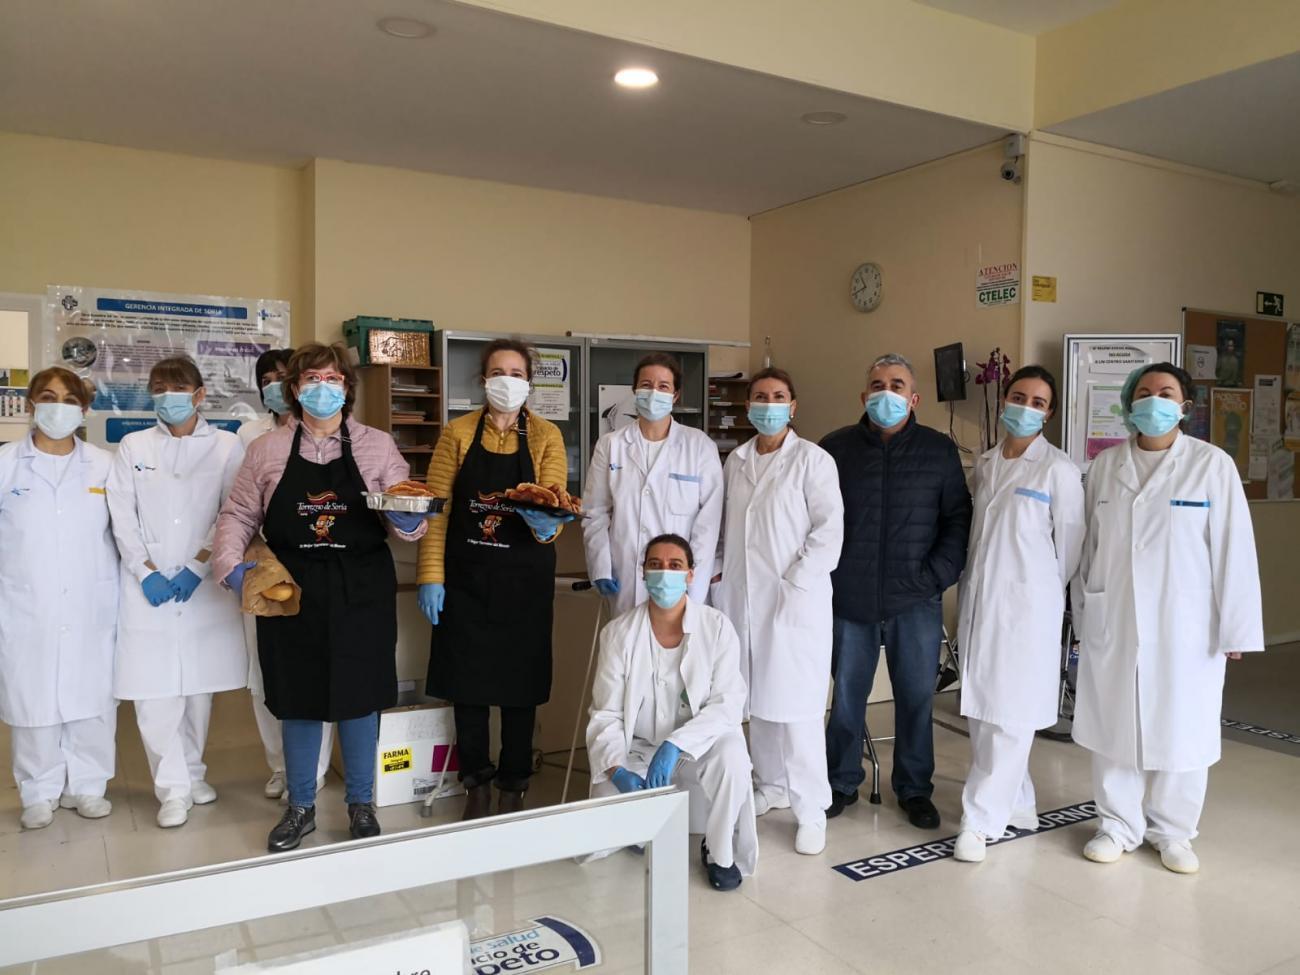 Torrezno de Soria agradece con un almuerzo el trabajo de las personas que están luchando en primera línea de la pandemia